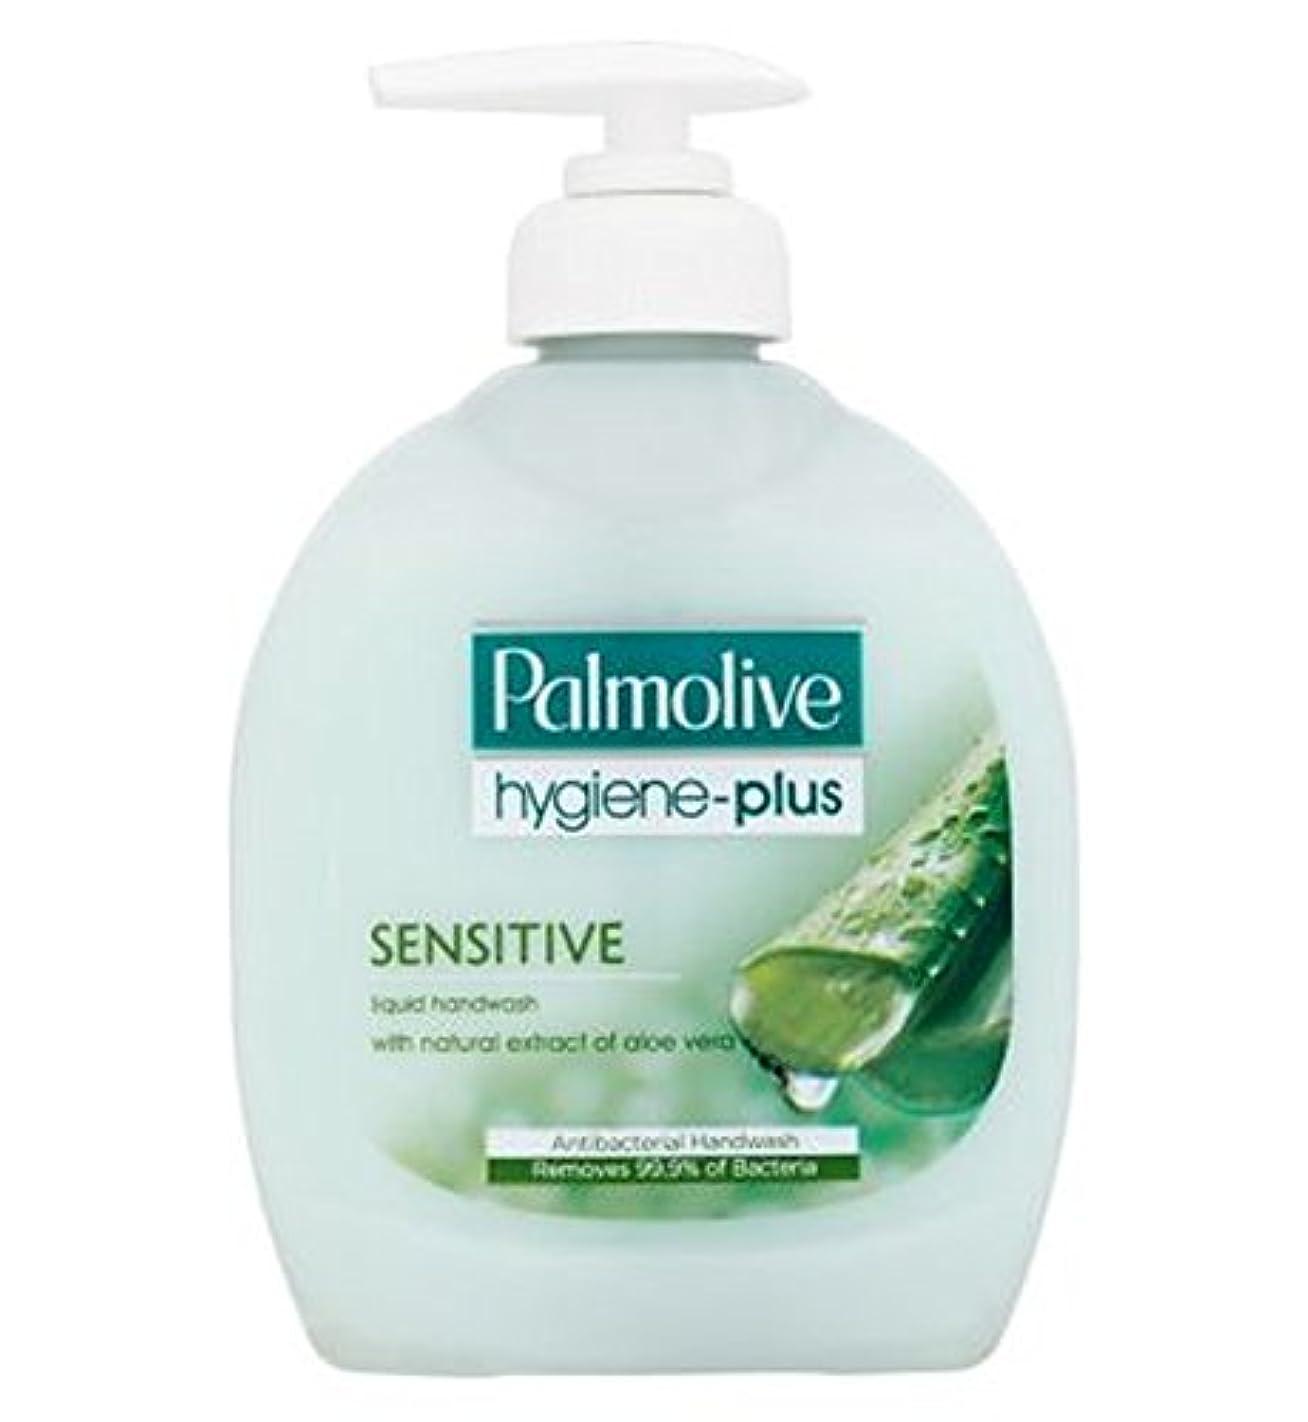 トラフ噴火領事館Palmolive Hygiene Plus Sensitive Handwash - パルモ衛生プラス敏感手洗い (Palmolive) [並行輸入品]